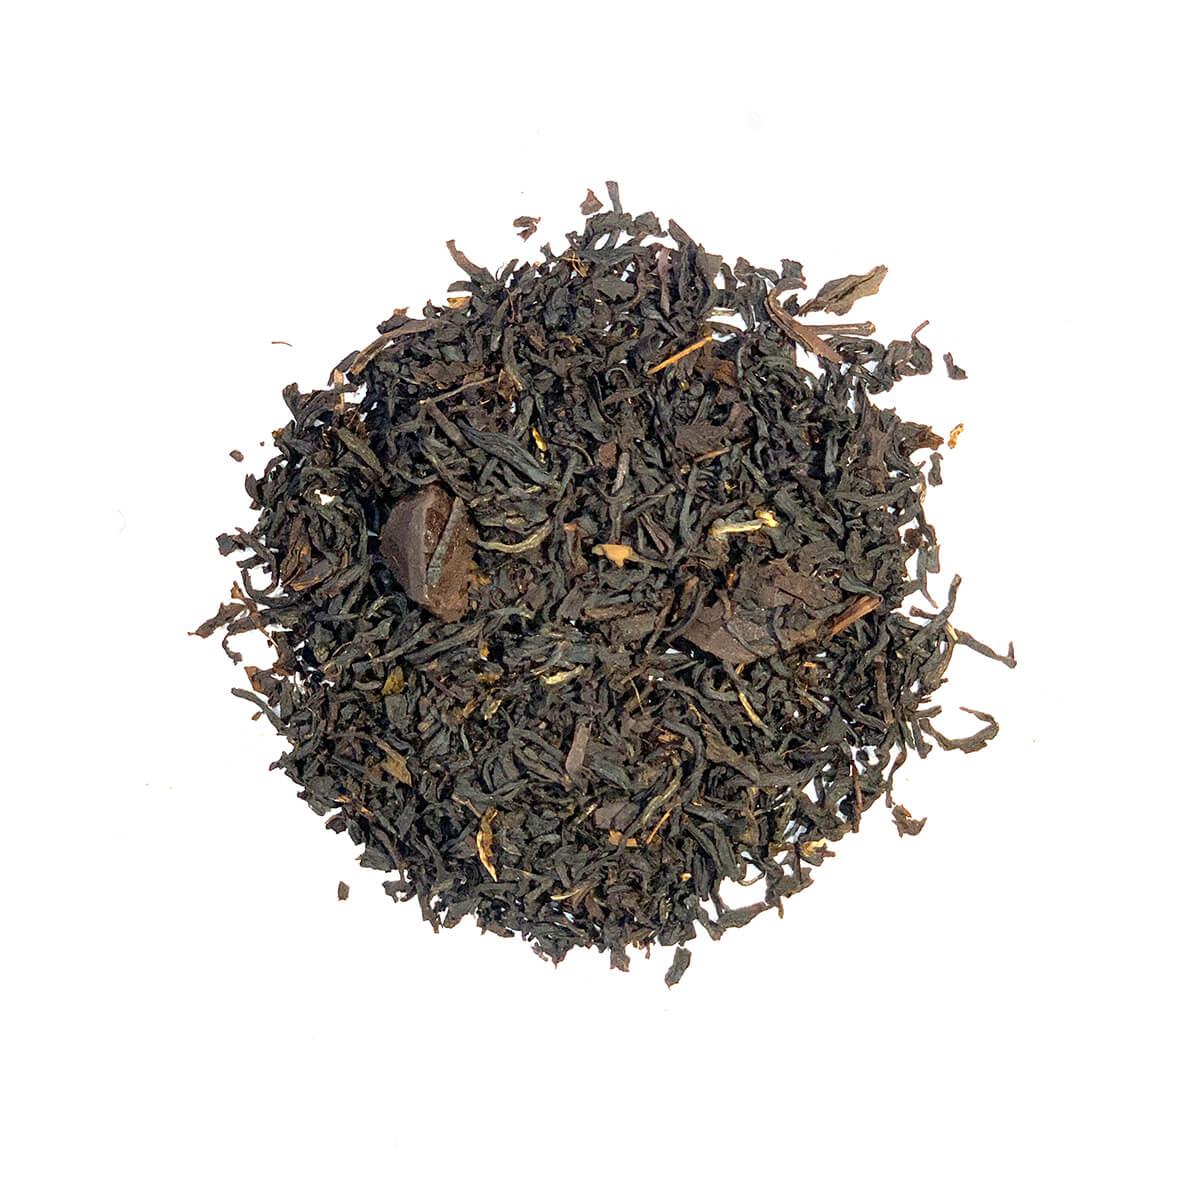 Herbal Chocolate tea